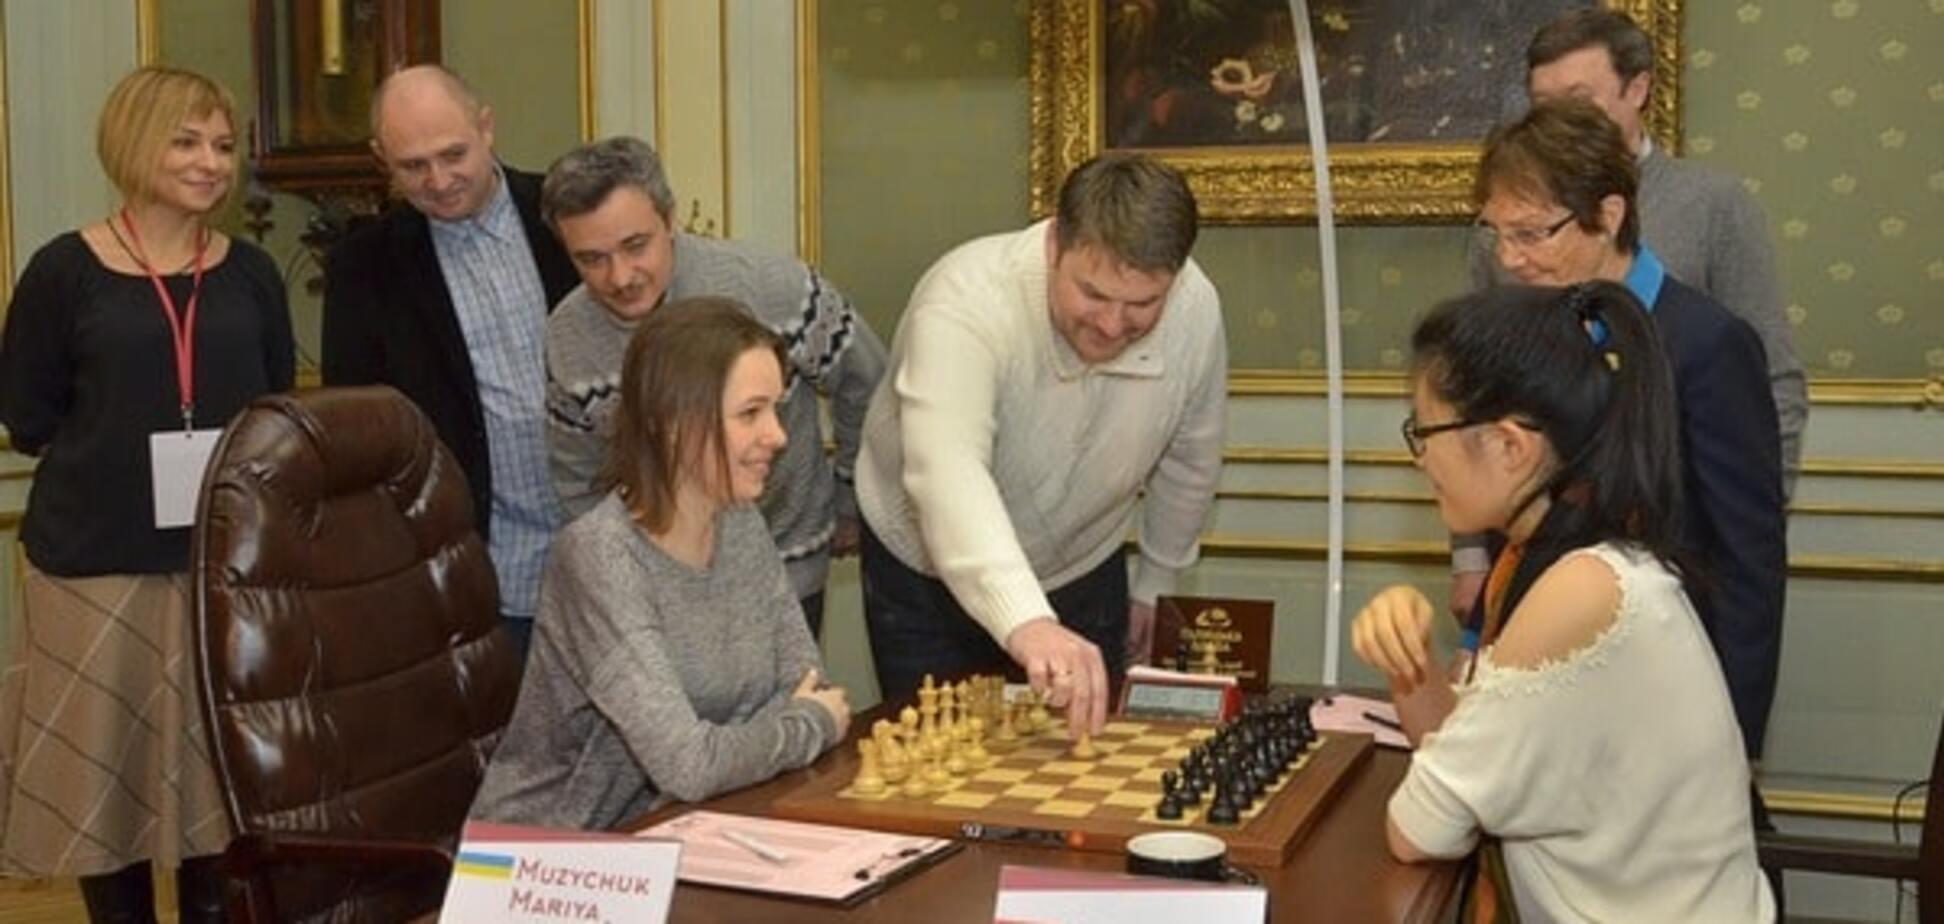 Музичук зіграла внічию у восьмій партії фіналу чемпіонату світу